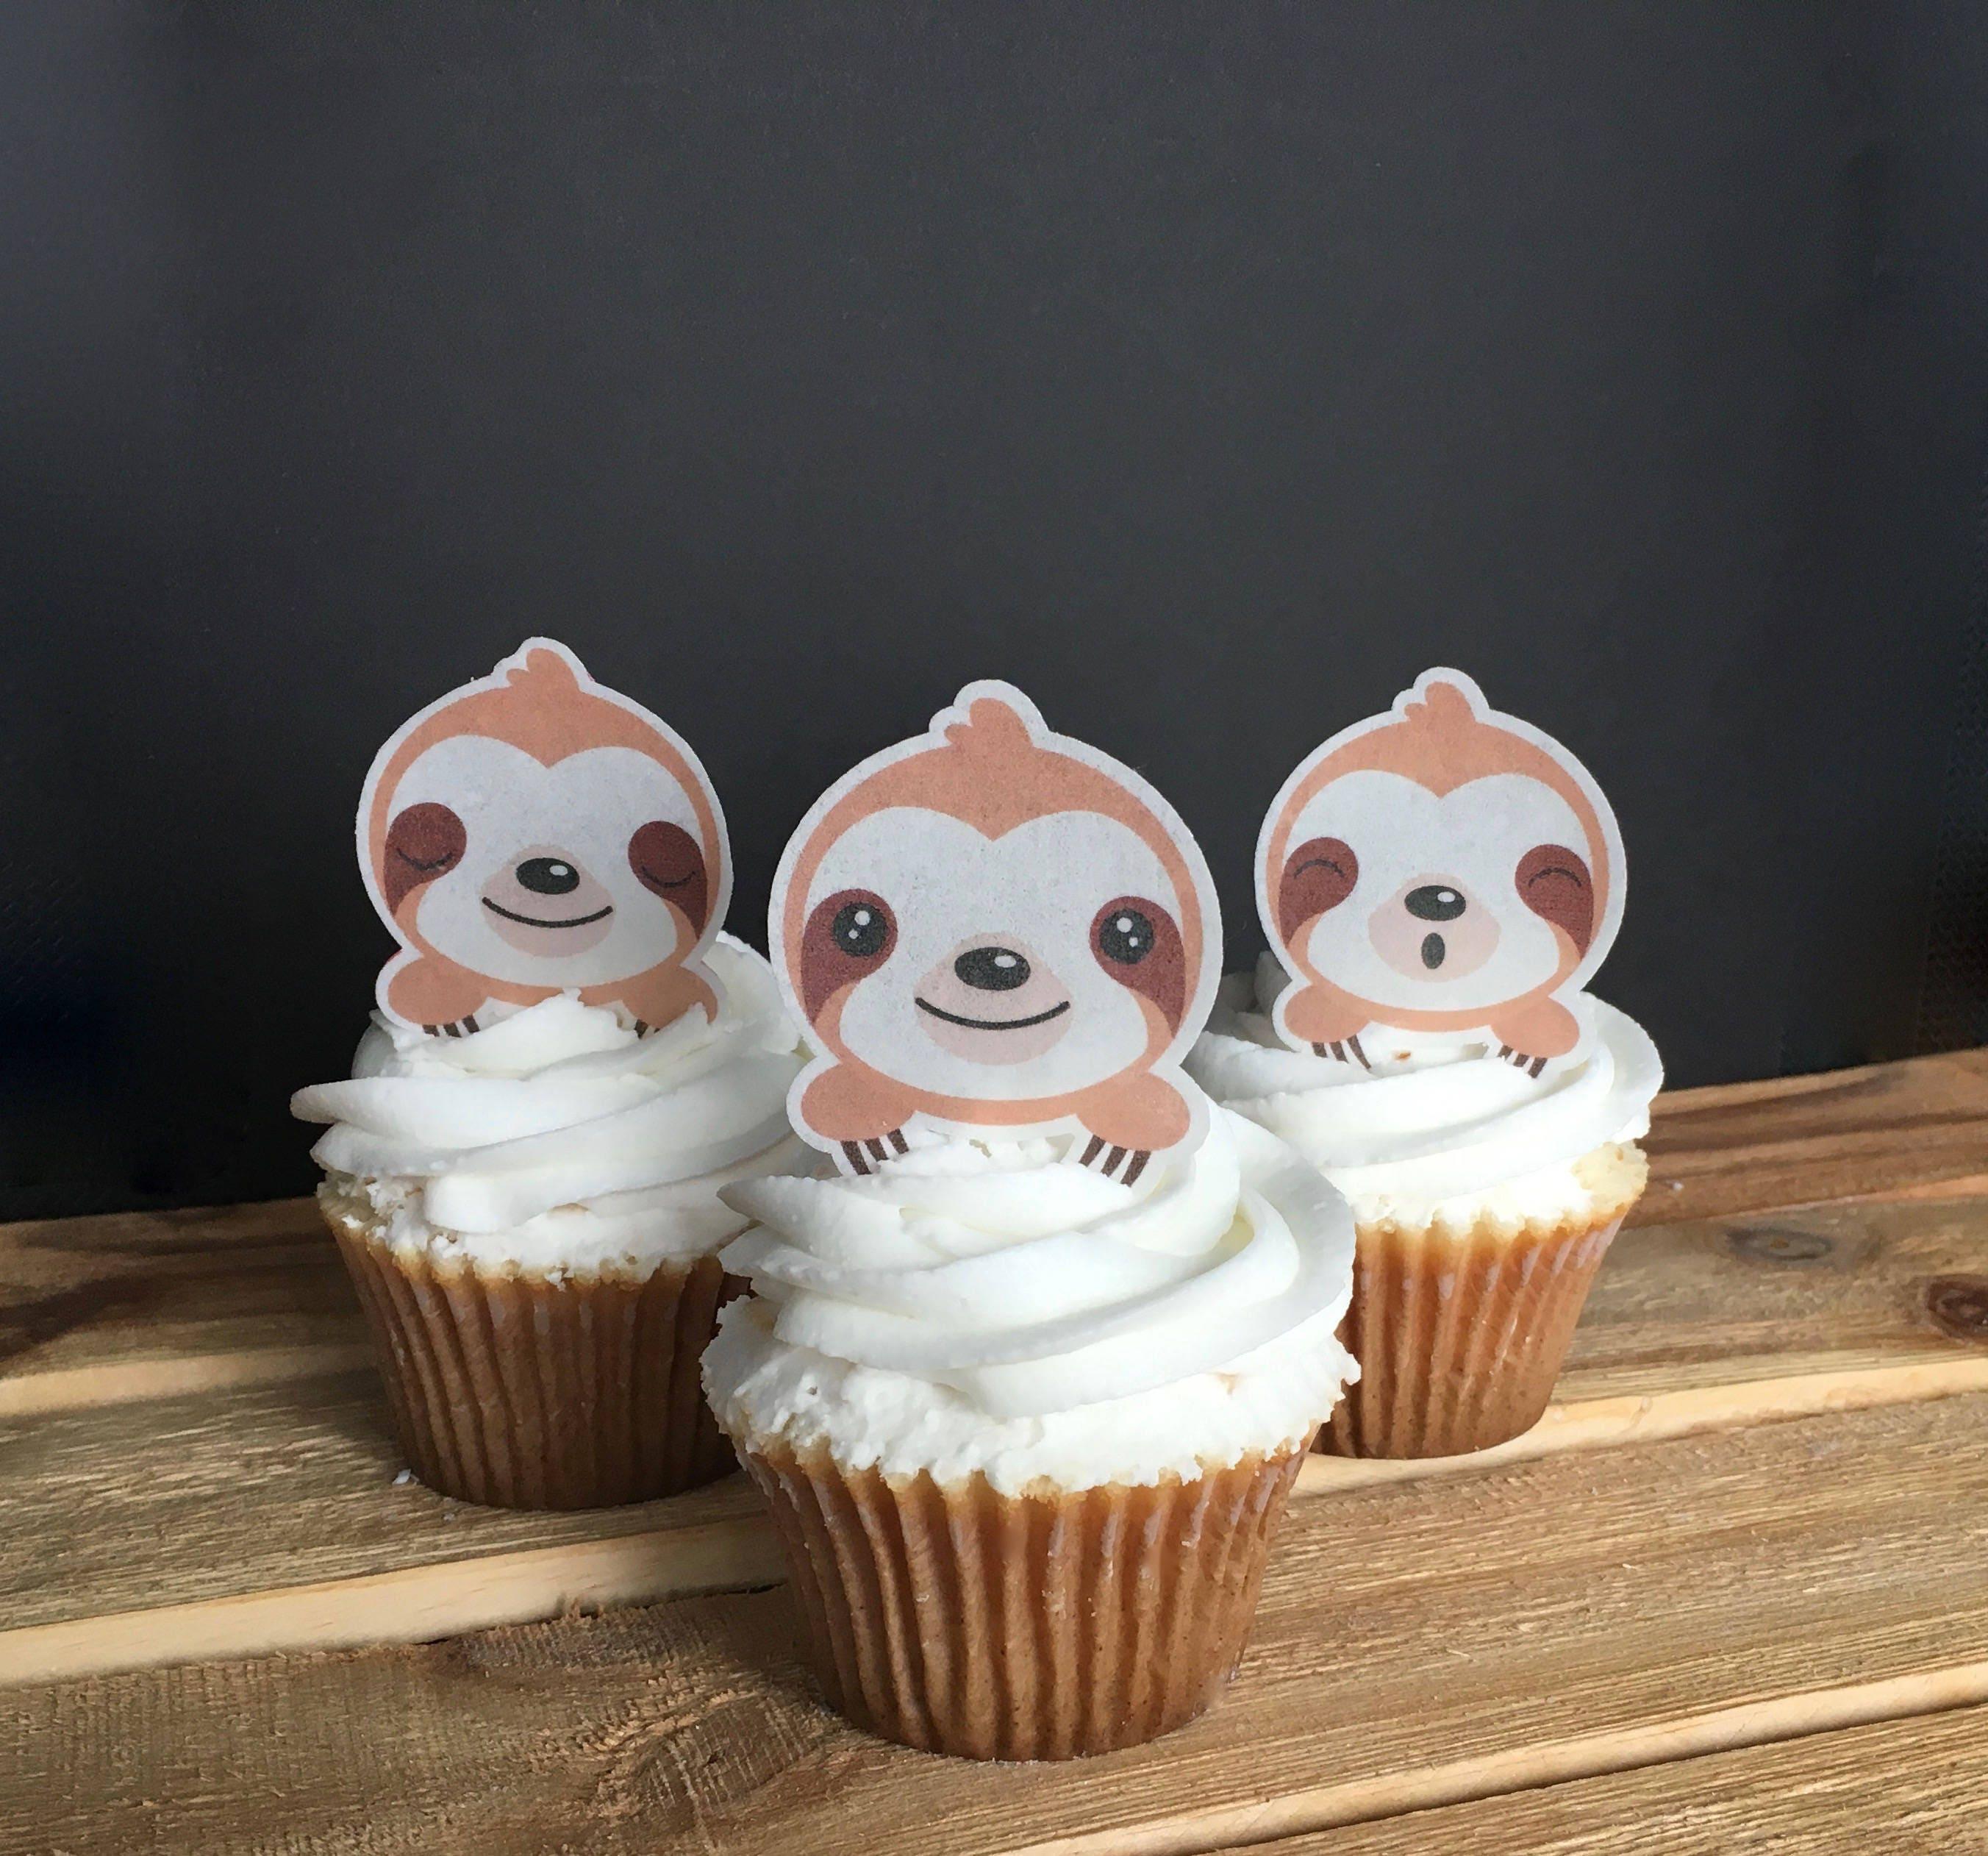 24 X HÜbsch Neu Baby Backzubehör & Kuchendekoration Es Ist Ein Junge Essbare Cupcake Topper Kuchen Wafer